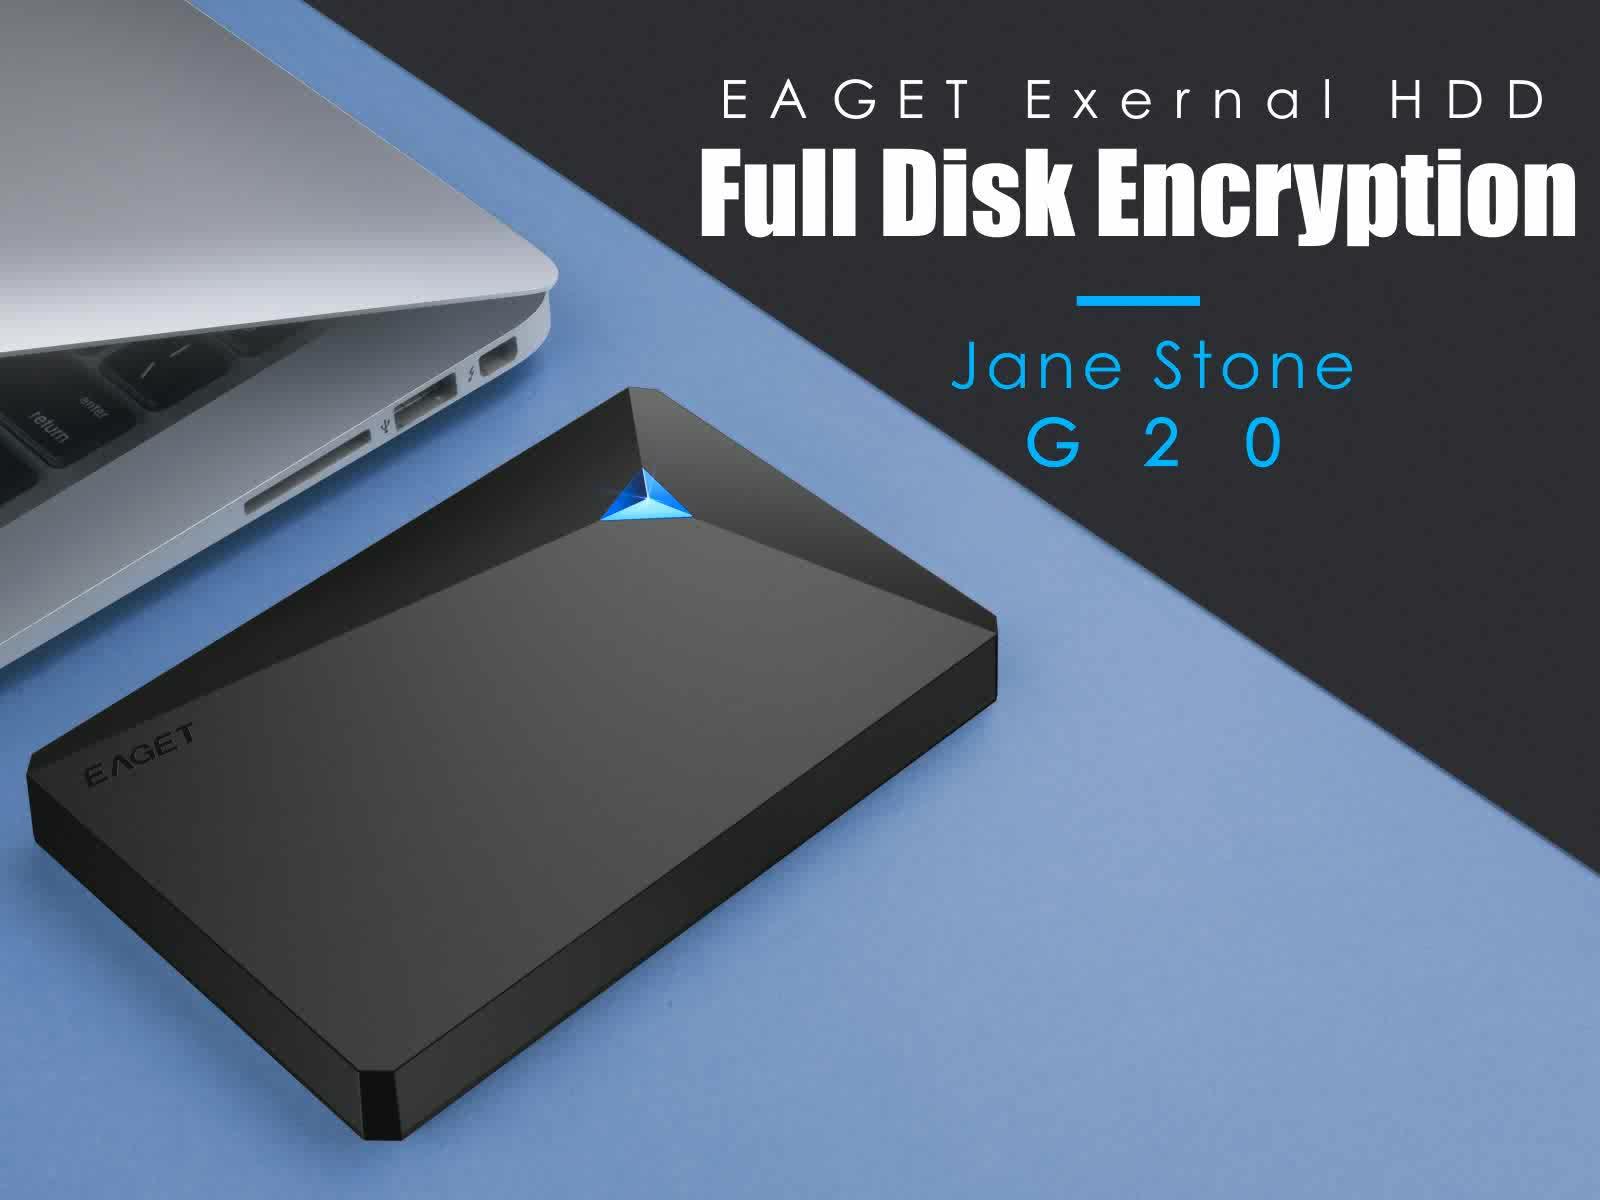 Disco duro externo HDD para PC EAGET G20 de 2,5 pulgadas y 500GB de alta velocidad USB3.0 a prueba de golpes